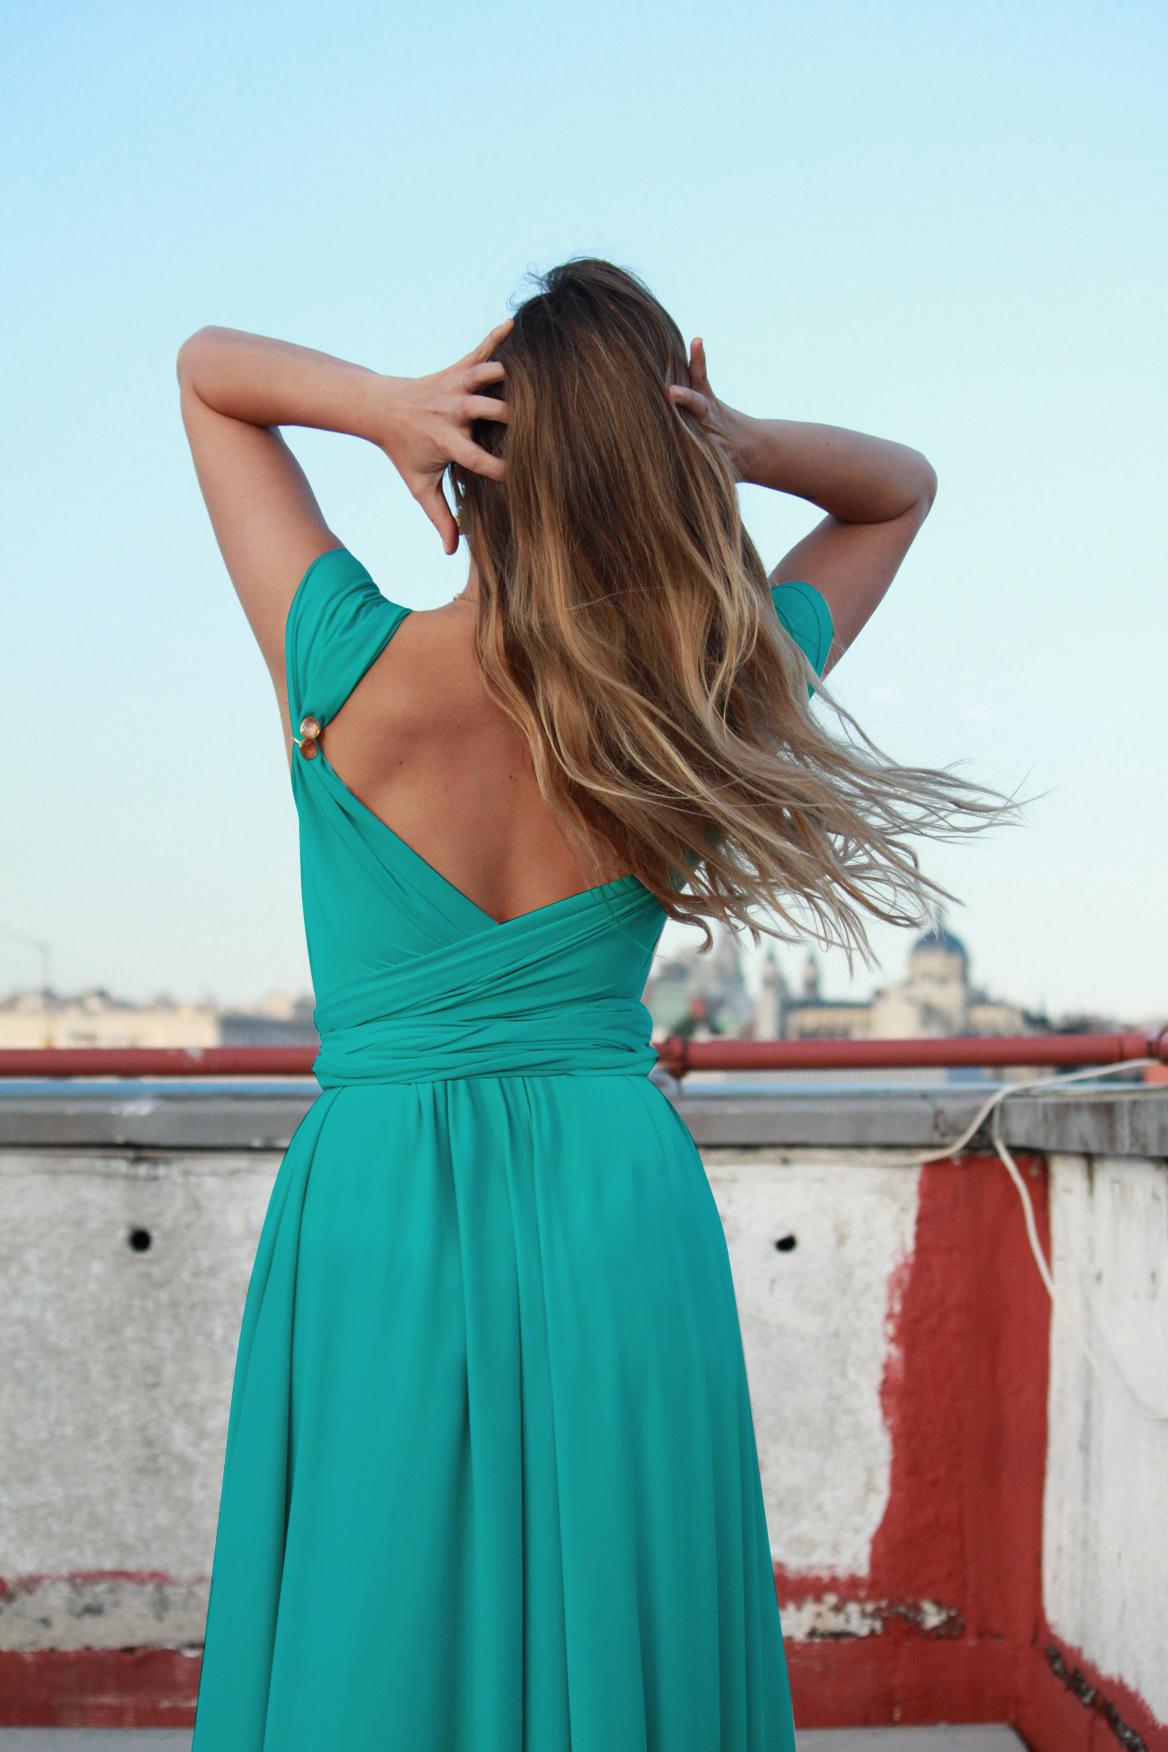 Lolita_Mctisell_turquesa.jpg